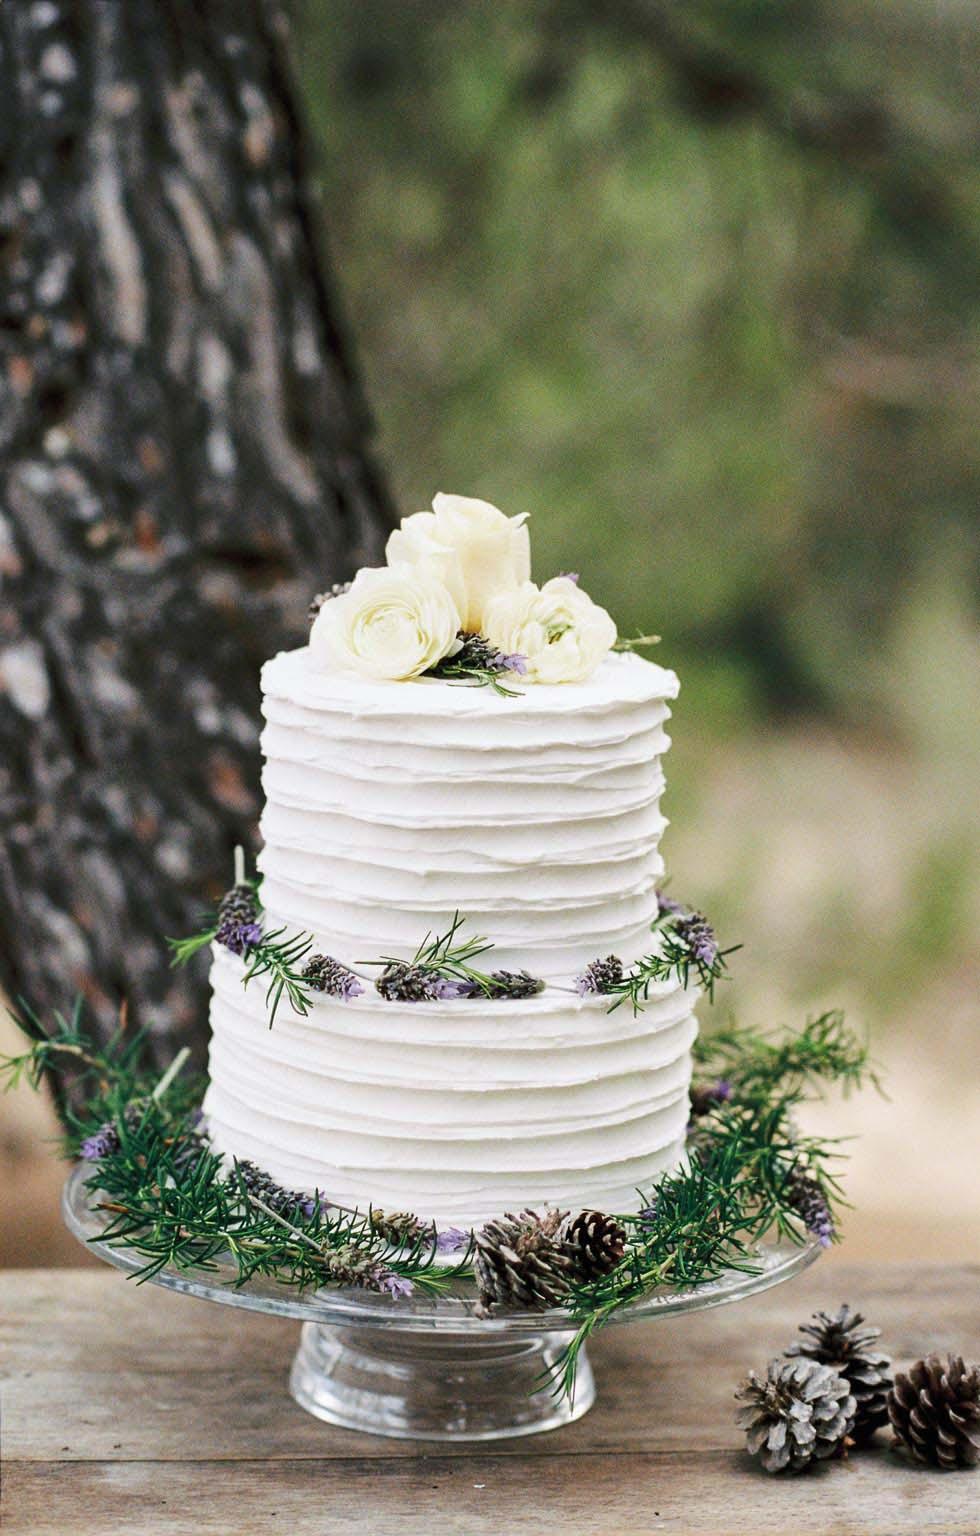 Hochzeitstorte Wellendecor